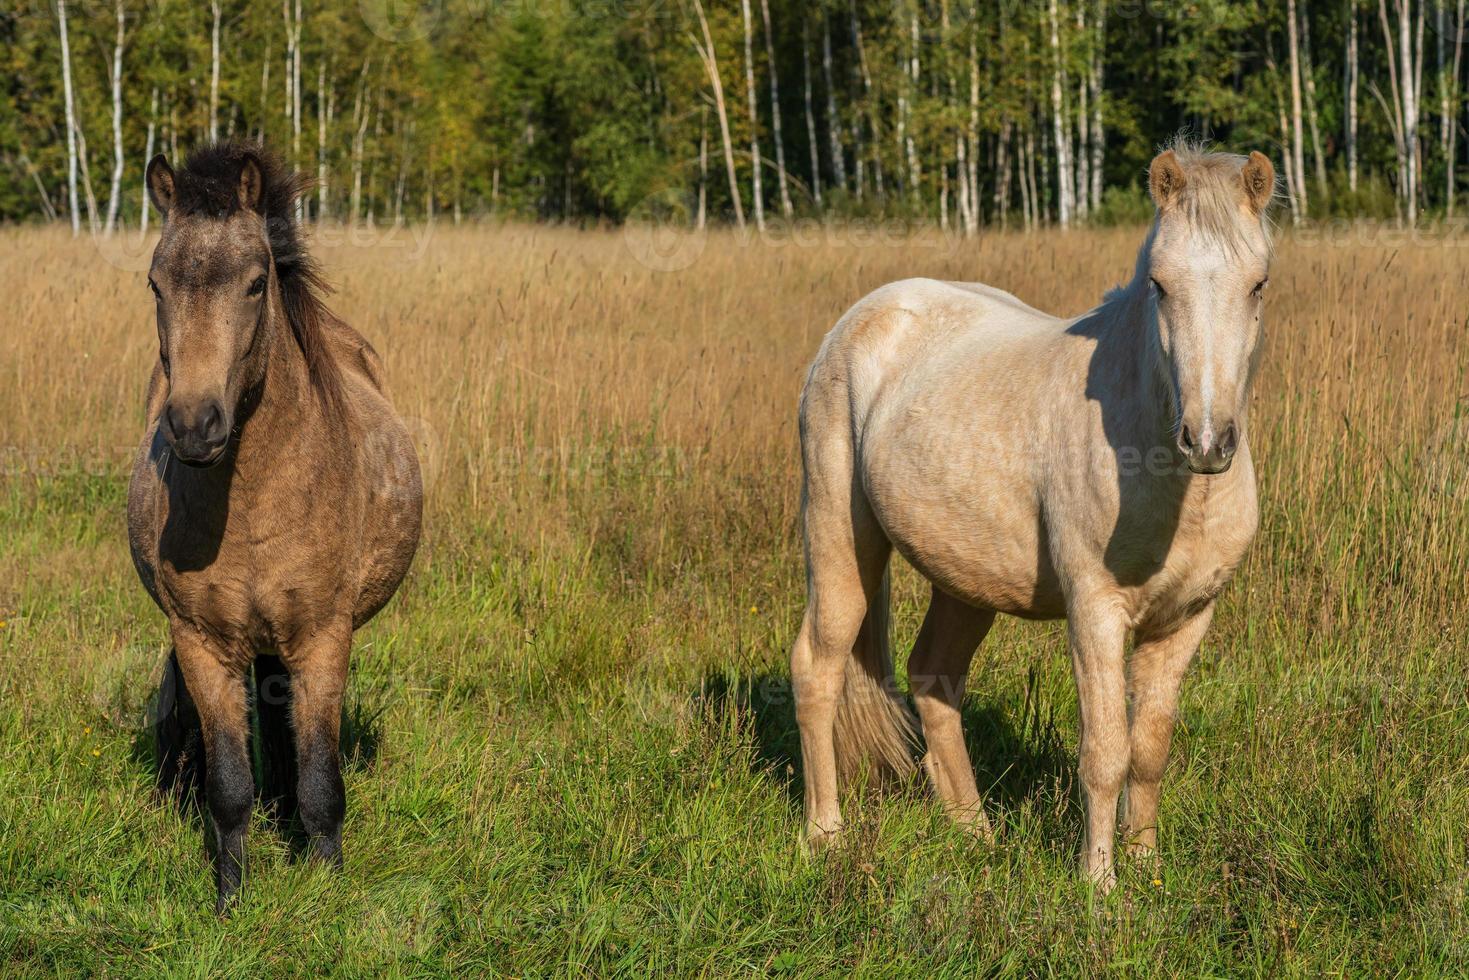 cavalli islandesi in piedi nell'erba alta in un pascolo soleggiato foto